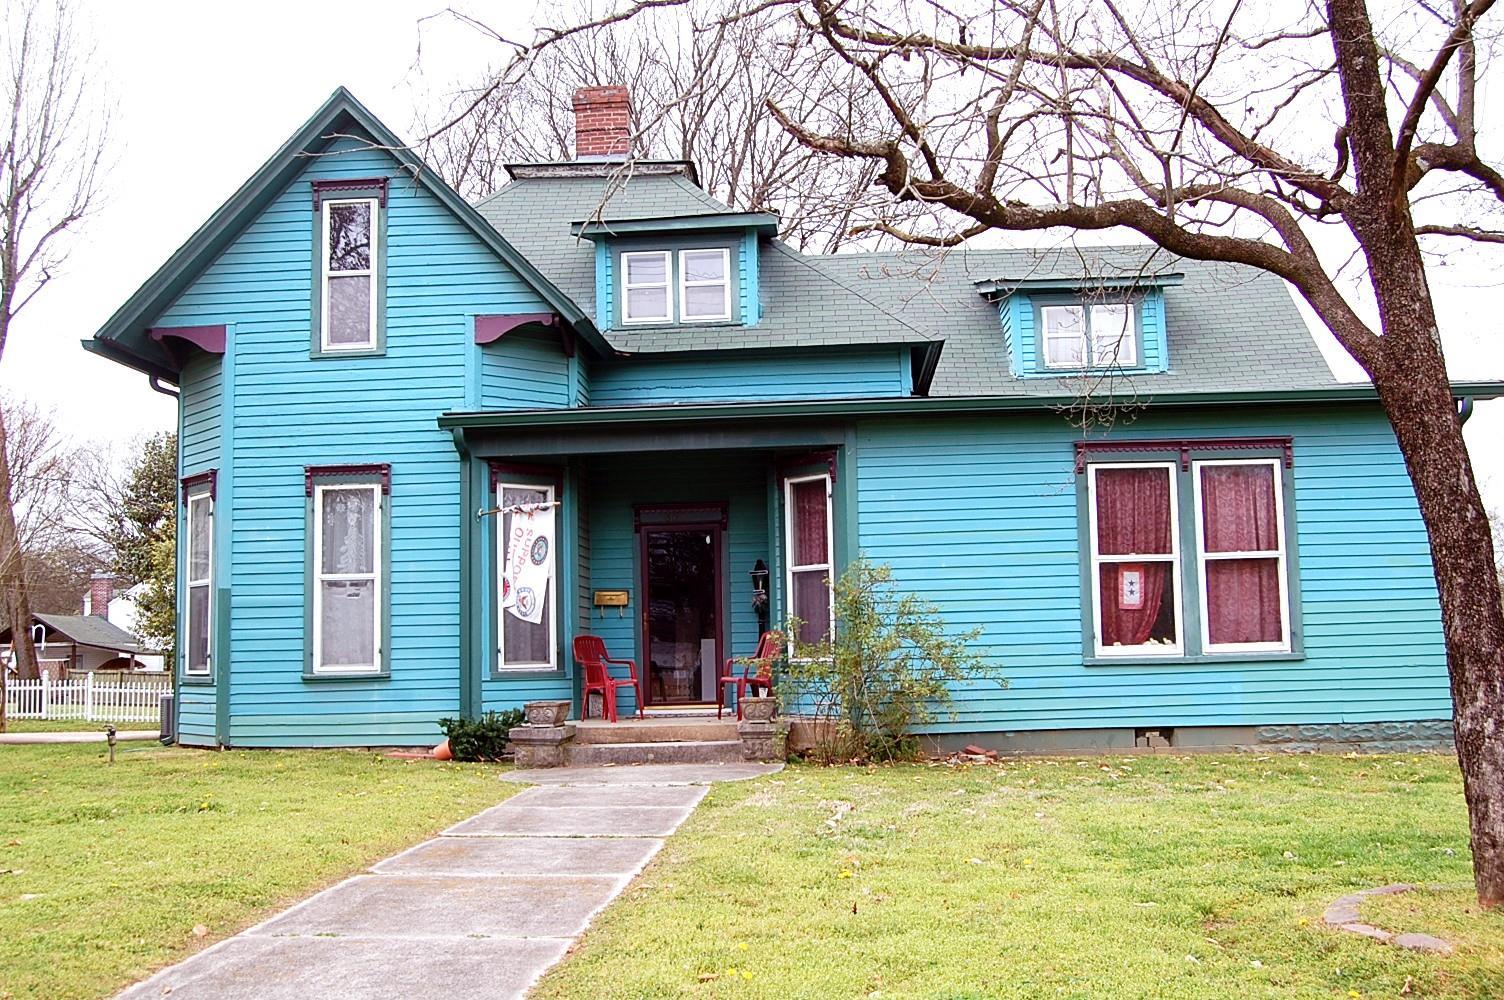 503 N Main St Mount Pleasant, TN 38474